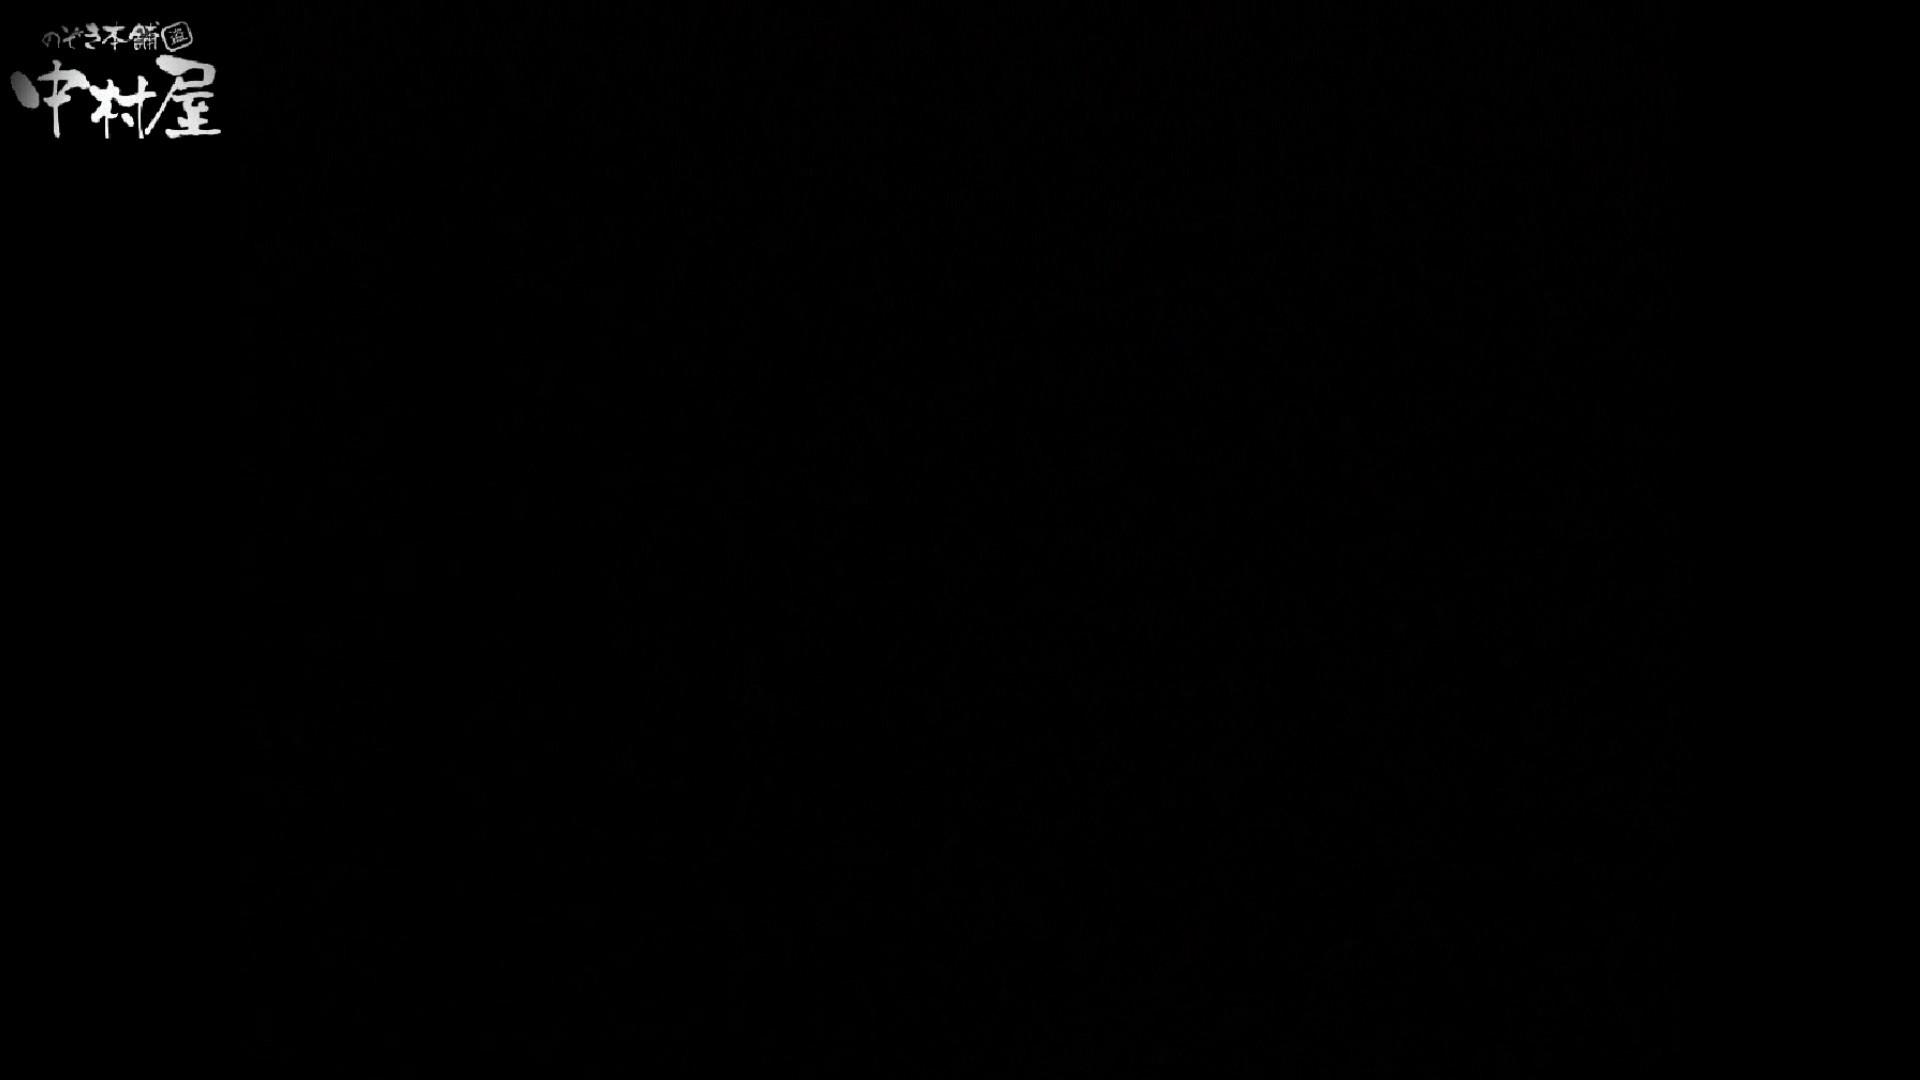 民家風呂専門盗撮師の超危険映像 vol.010 OL女体 ワレメ無修正動画無料 98連発 26